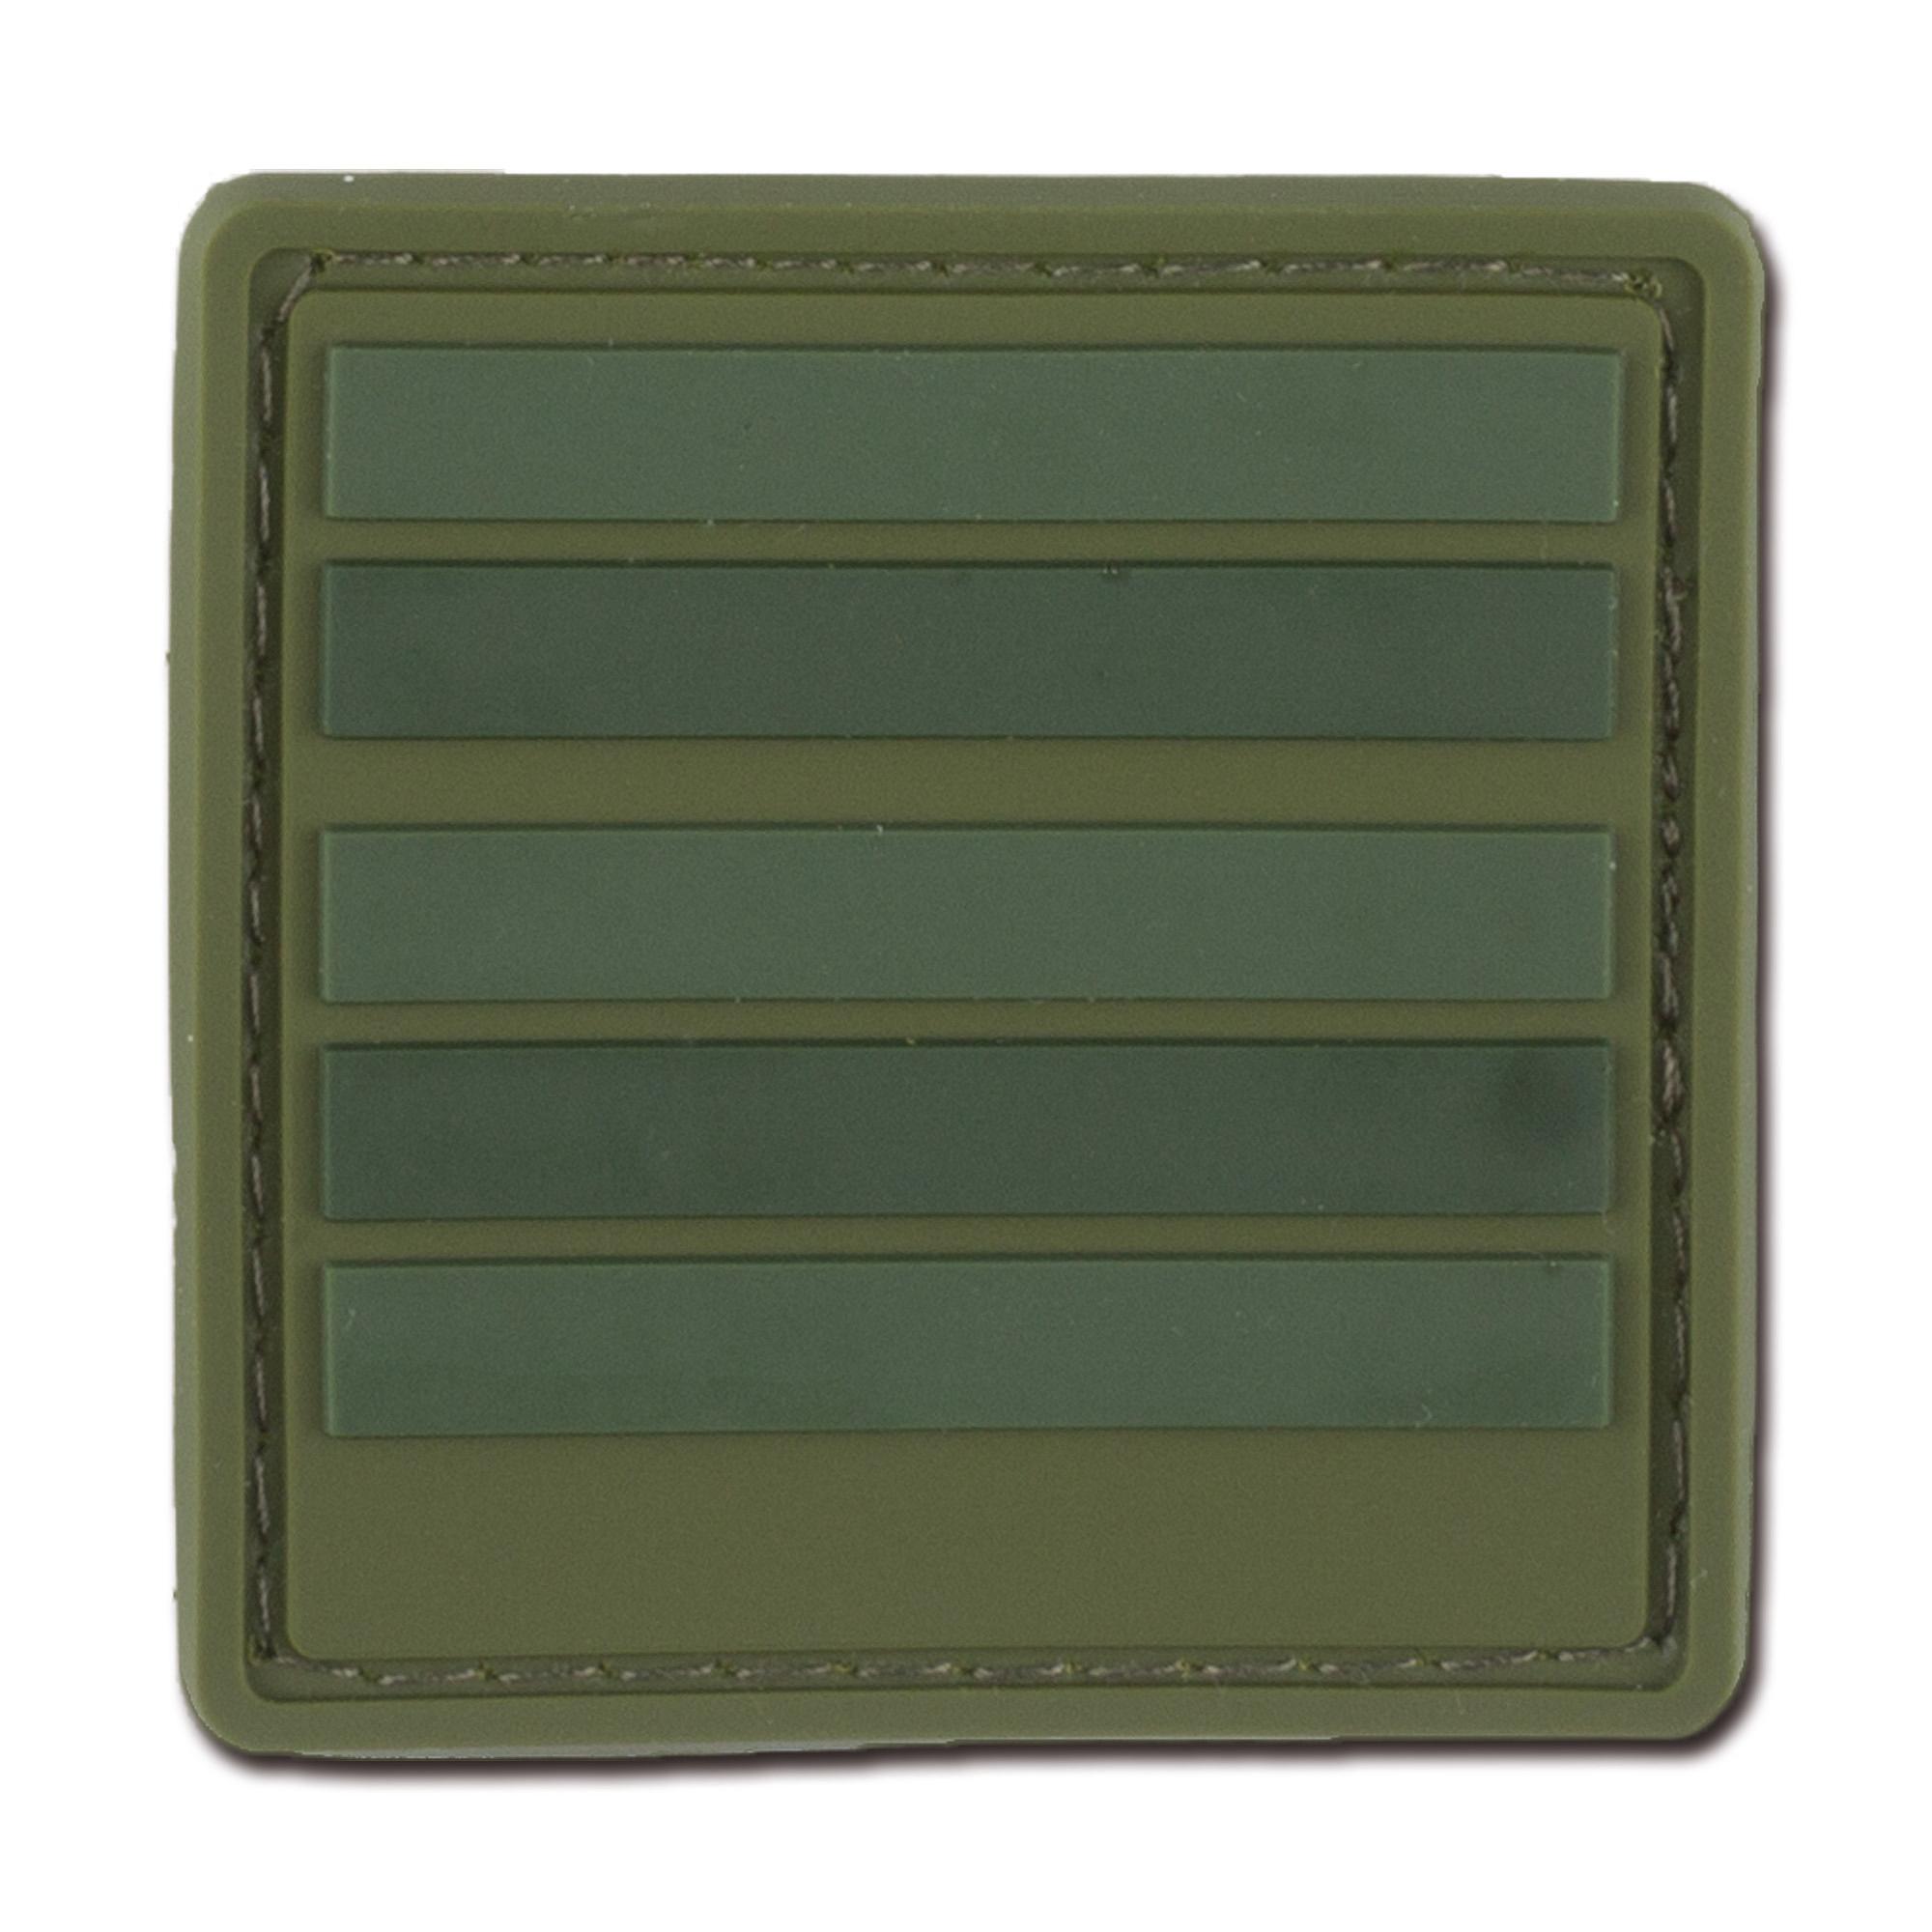 Dienstgradabzeichen Frankreich Lieutenant – Colonel oliv tarn